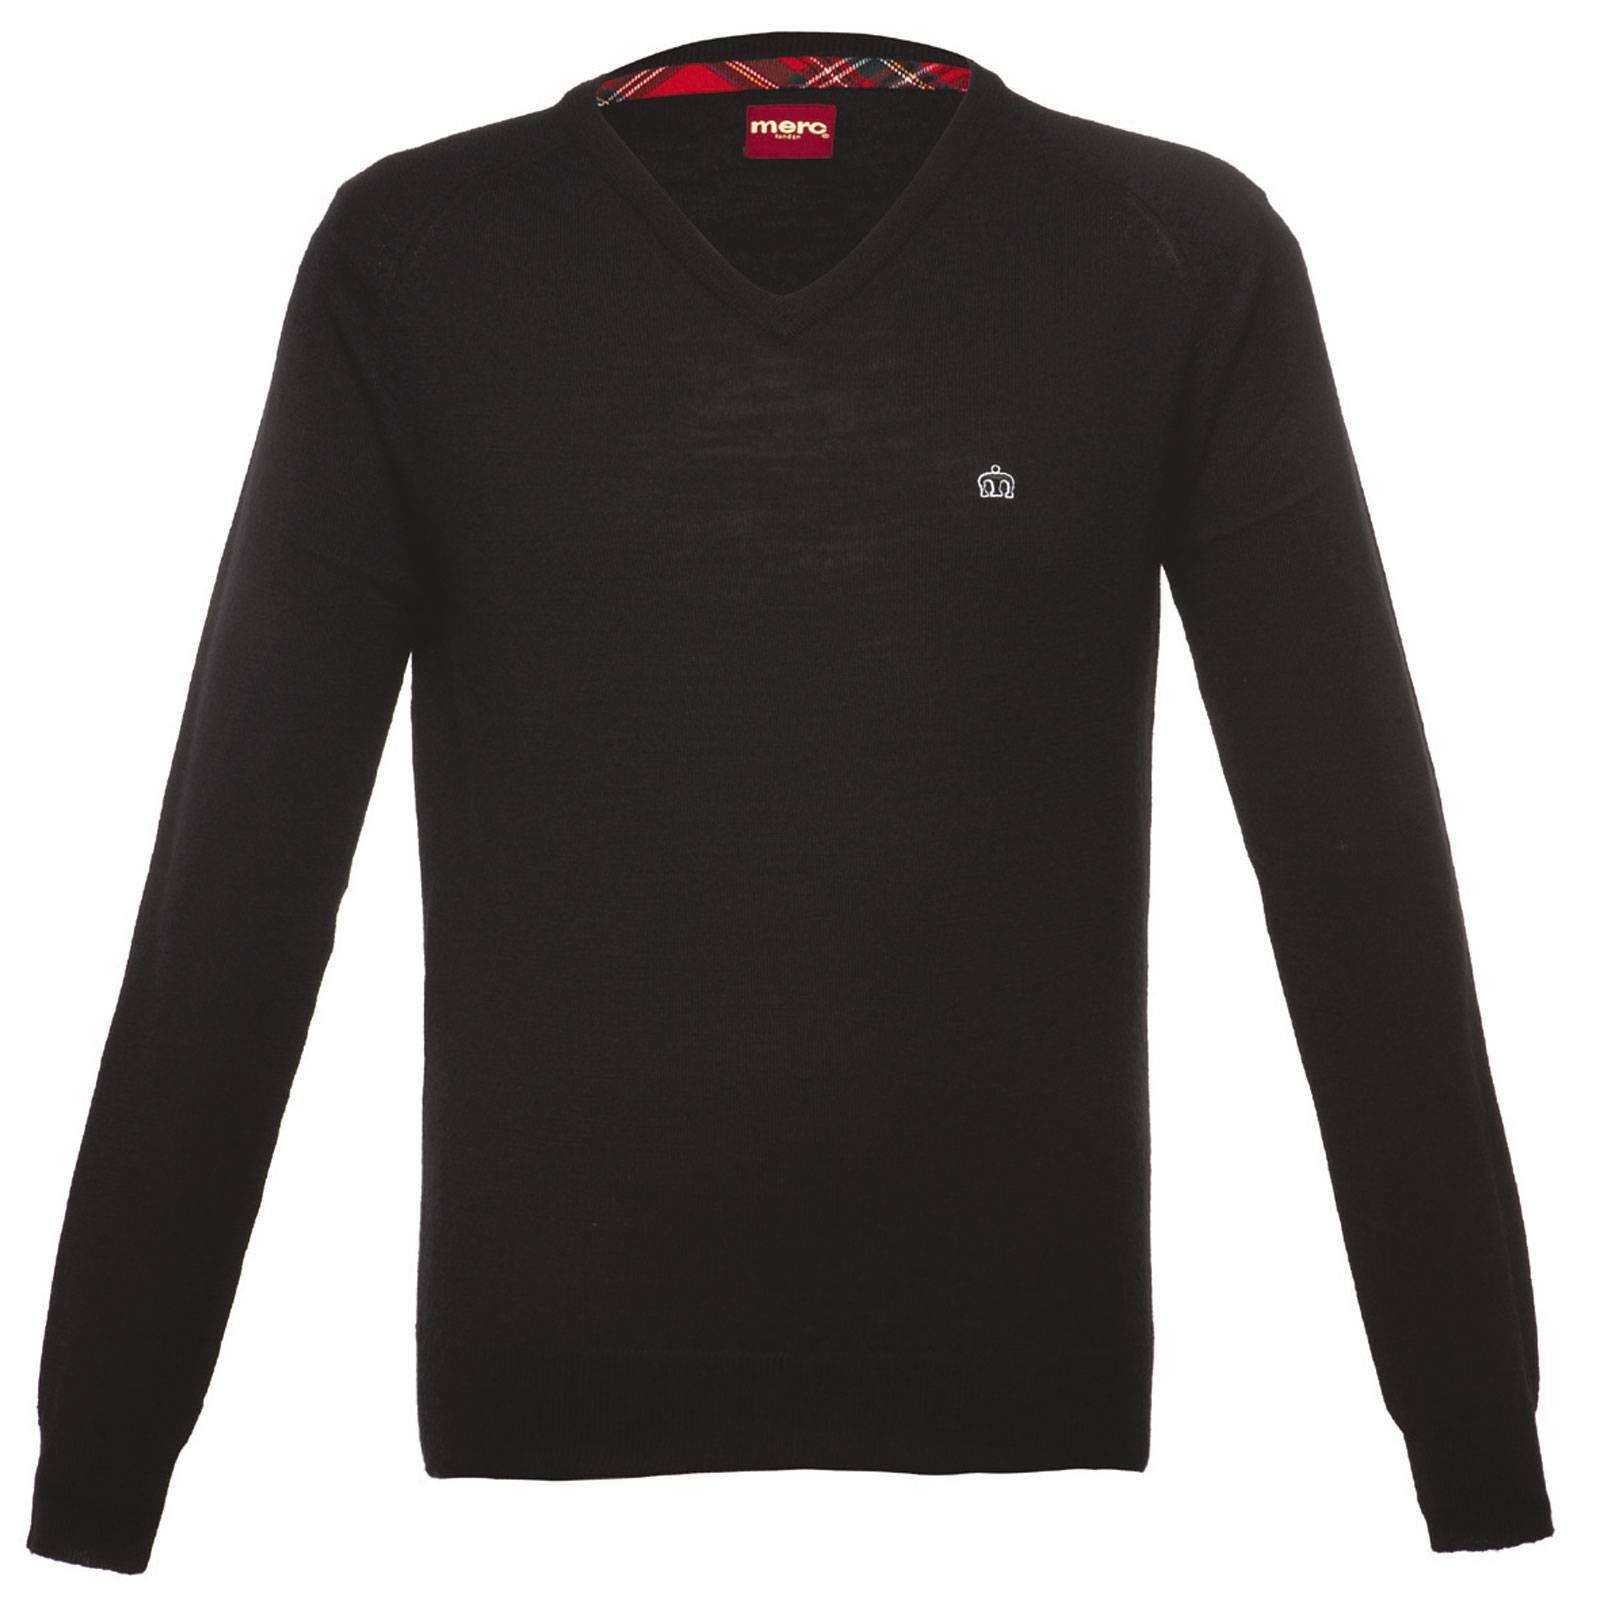 Пуловер ConradCORE<br>Классический пуловер с неглубоким V-образным вырезом, изготовленный из высококачественной чистошерстяной пряжи, — мягкий и приятный к телу. Благодаря высокоэластичному трикотажу и крою slim-fit аккуратно садится по фигуре и хорошо держит форму в течение длительного срока. Брендирован вышивкой фирменного логотипа Корона, вносящего ненавязчивое разнообразие в строгий дизайн. Великолепно смотрится в сочетании с рубашкой или поло. Относится к базовой всесезонной линии Core.<br><br>Артикул: 1606203<br>Материал: 100% шерсть<br>Цвет: черный<br>Пол: Мужской